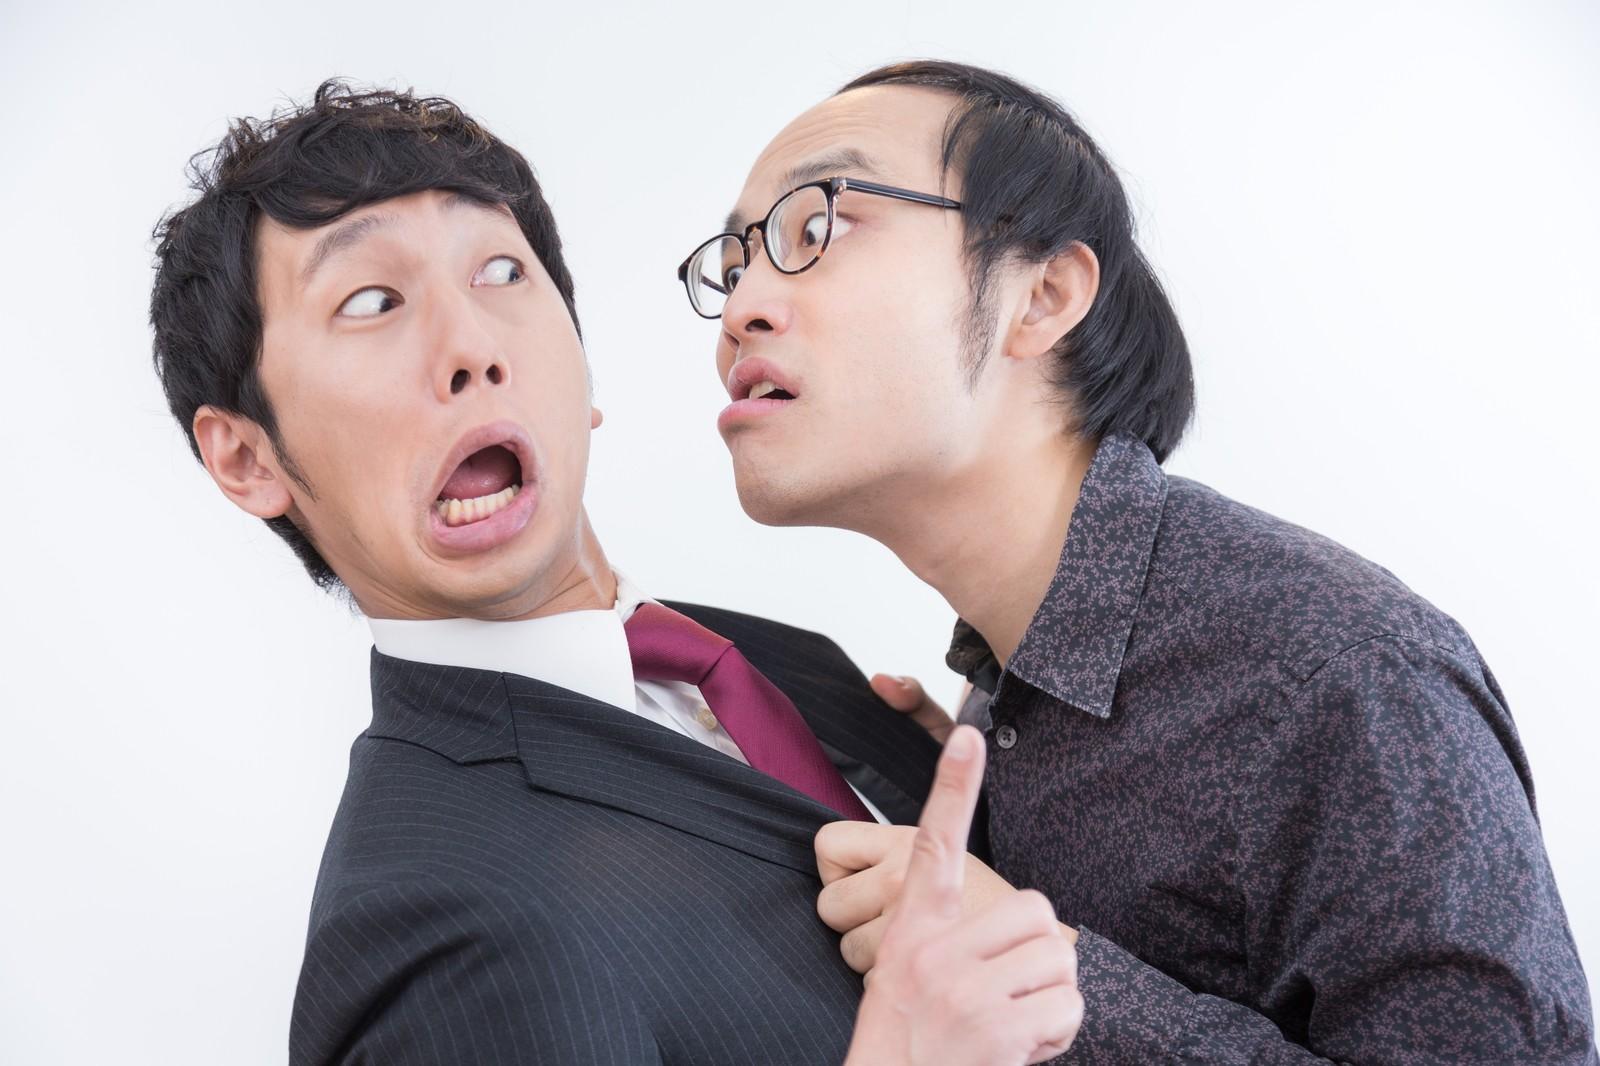 【体験談】こんな男性に注意!付き合って後悔💦残念な元カレの特徴4つ